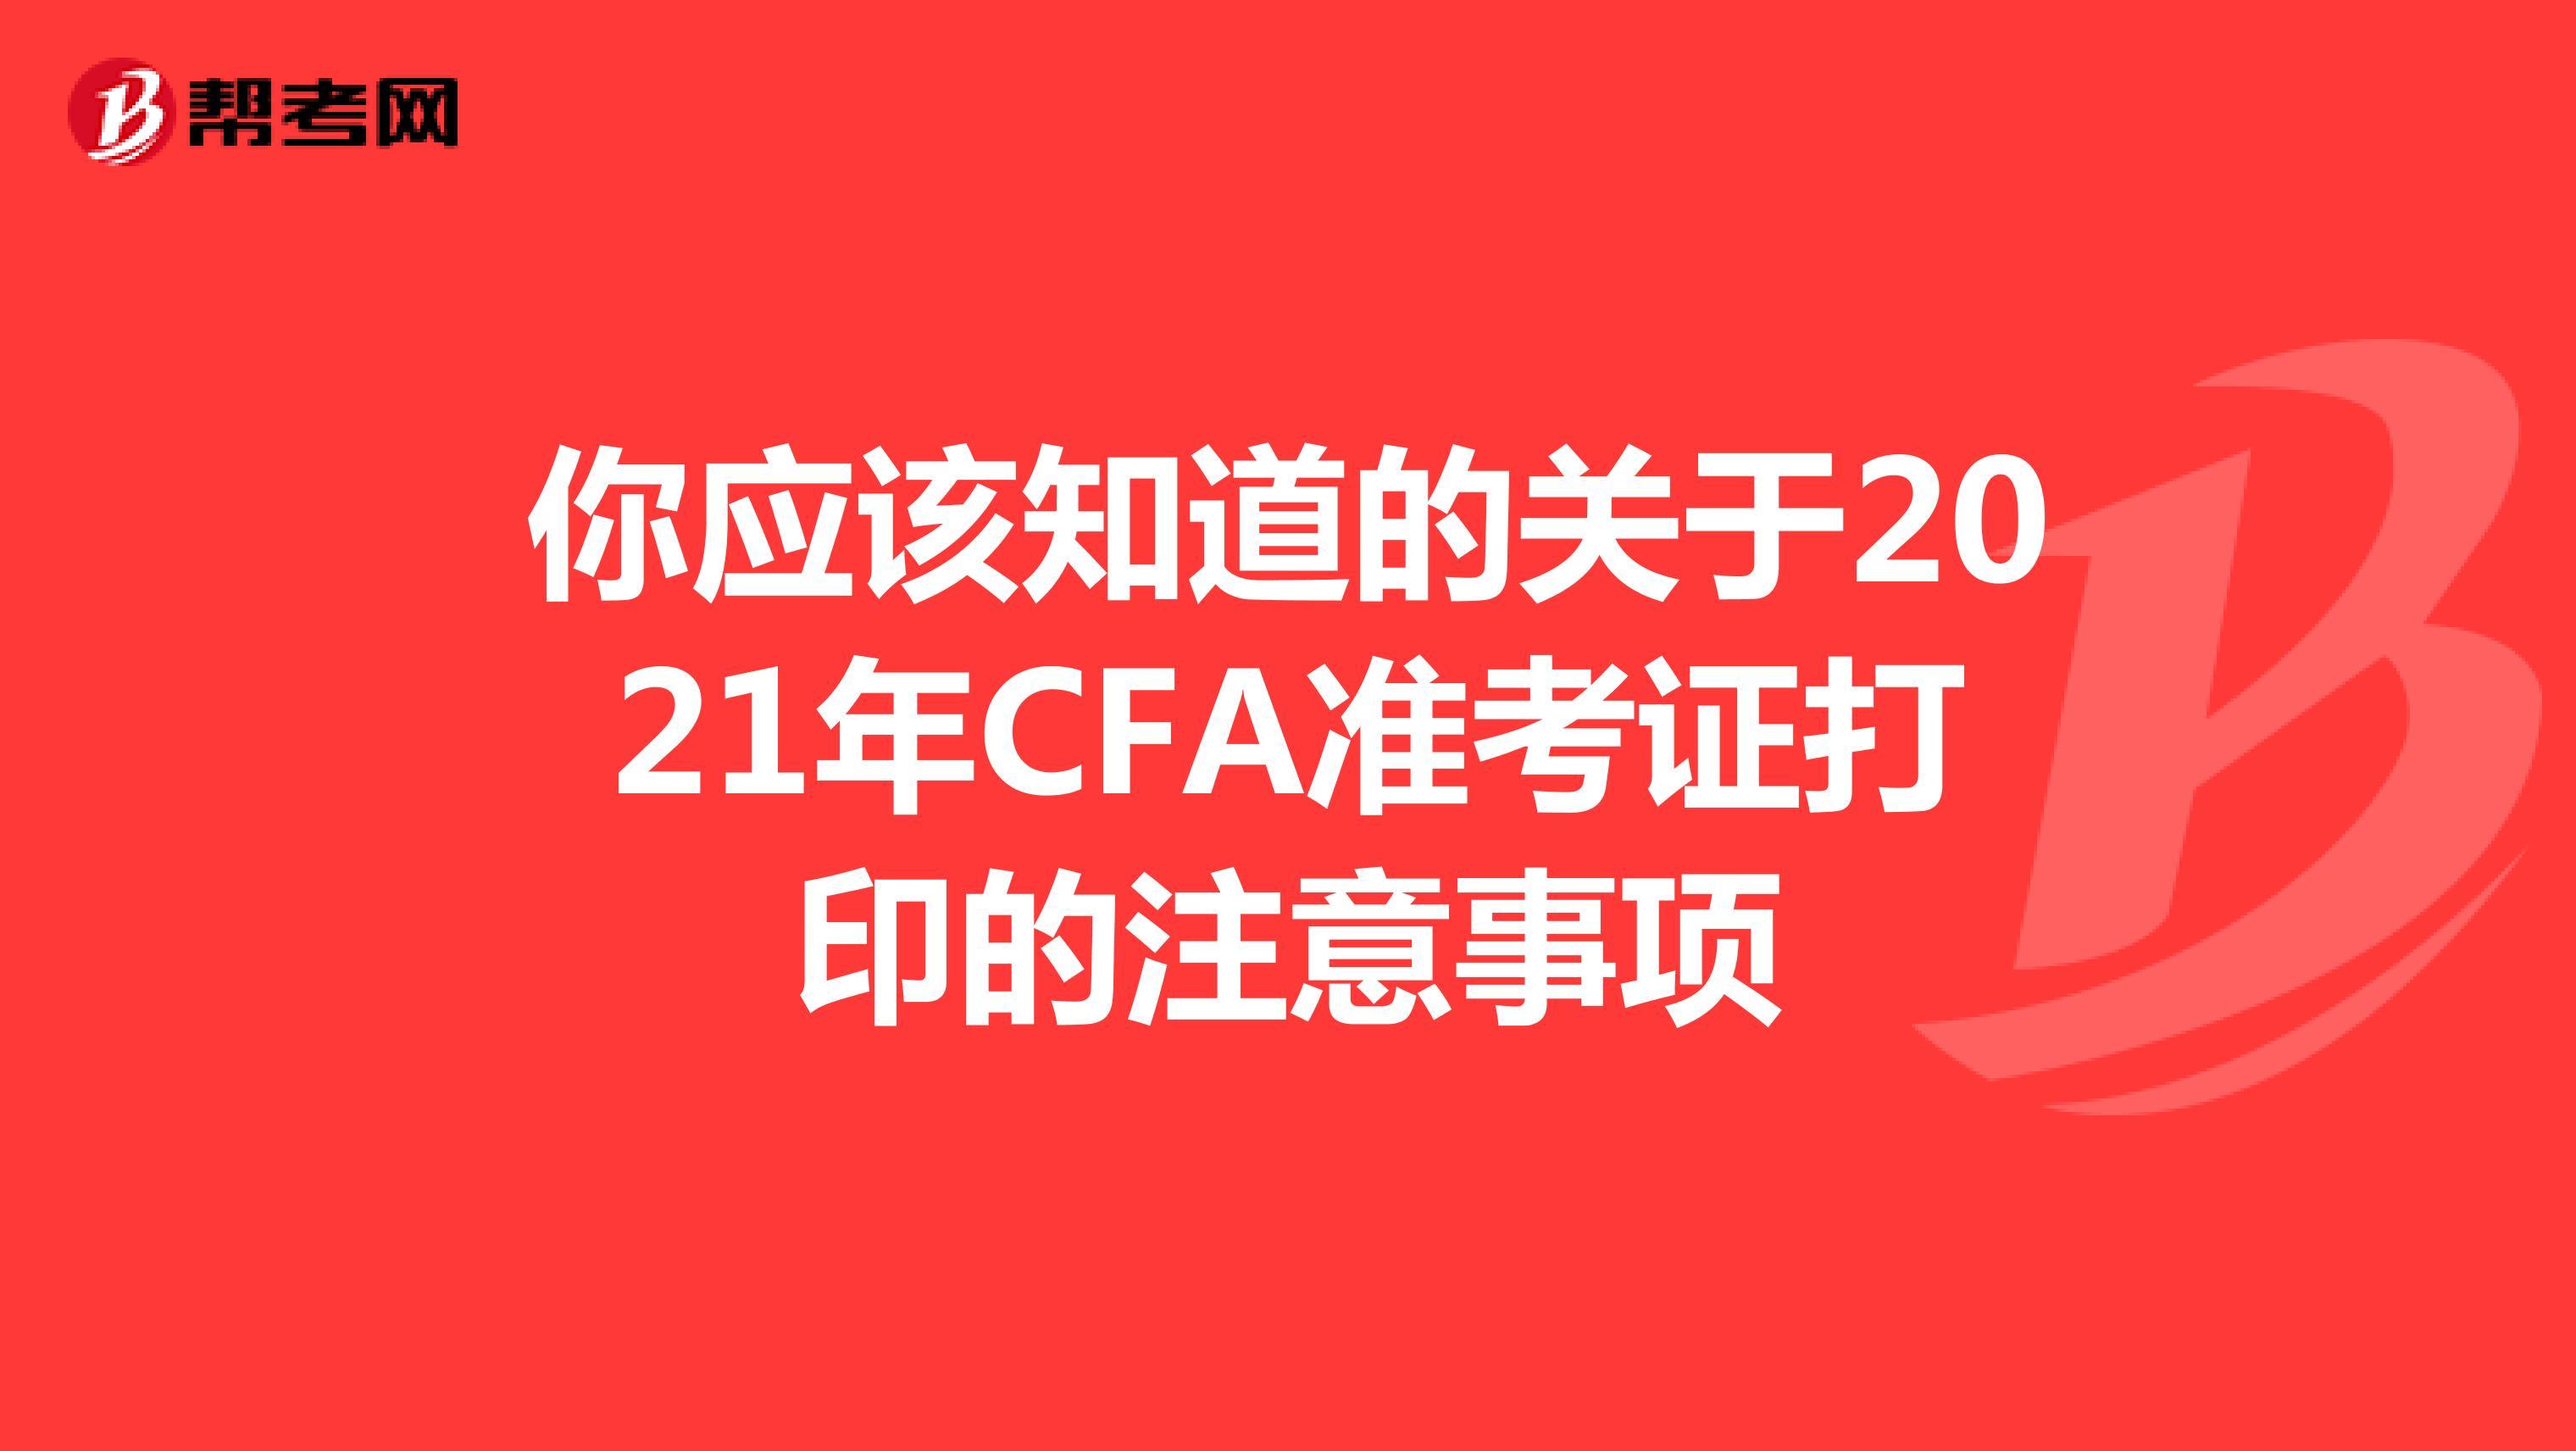 你應該知道的關于2021年CFA準考證打印的注意事項